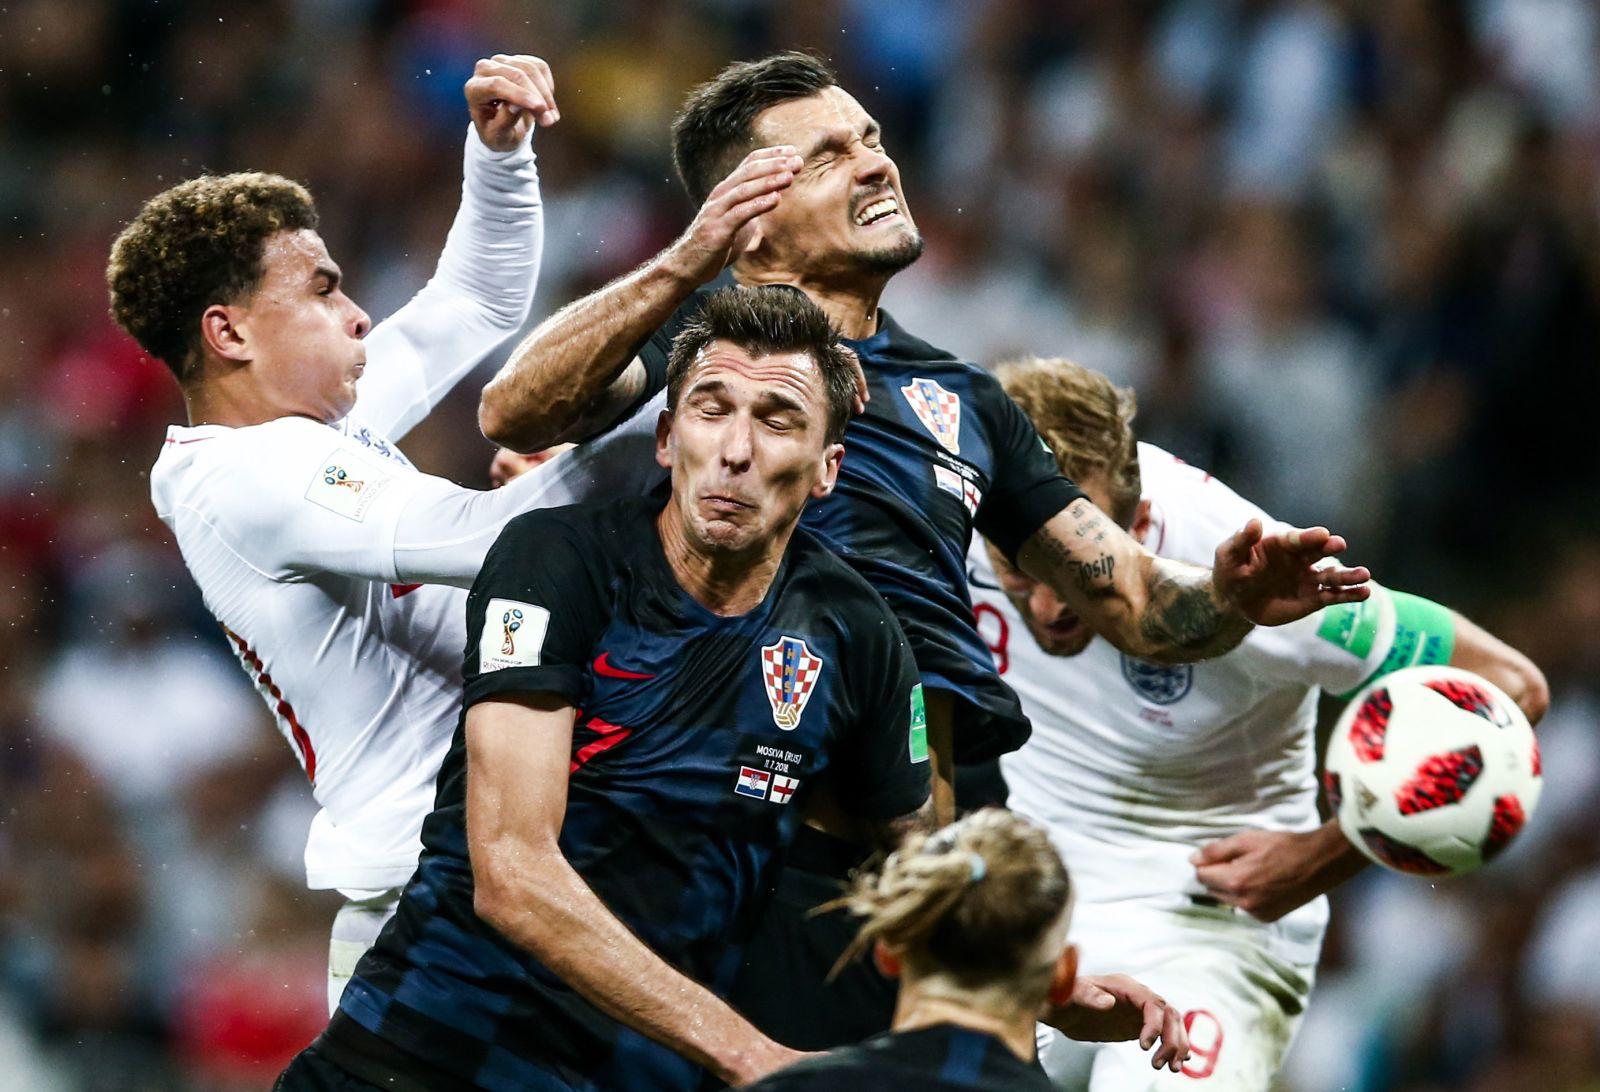 اصطدام اللاعبين في نصف نهائي كرواتيا وانجلترا